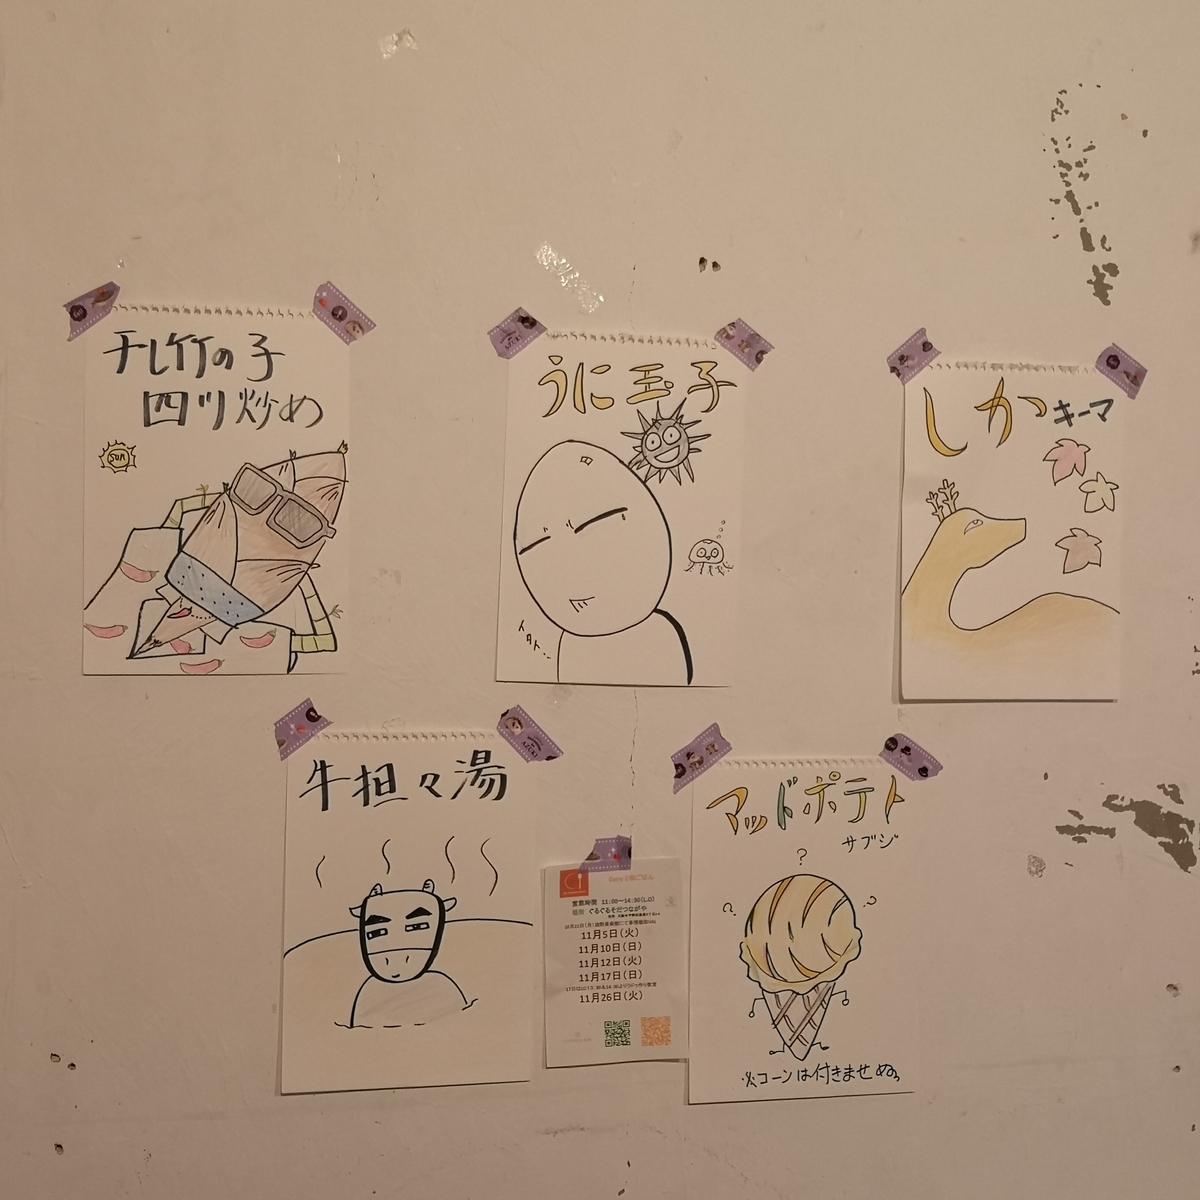 カレー事情聴取スパイス定食&バルVol.7 2019年10月21日 ek chammach メニュー